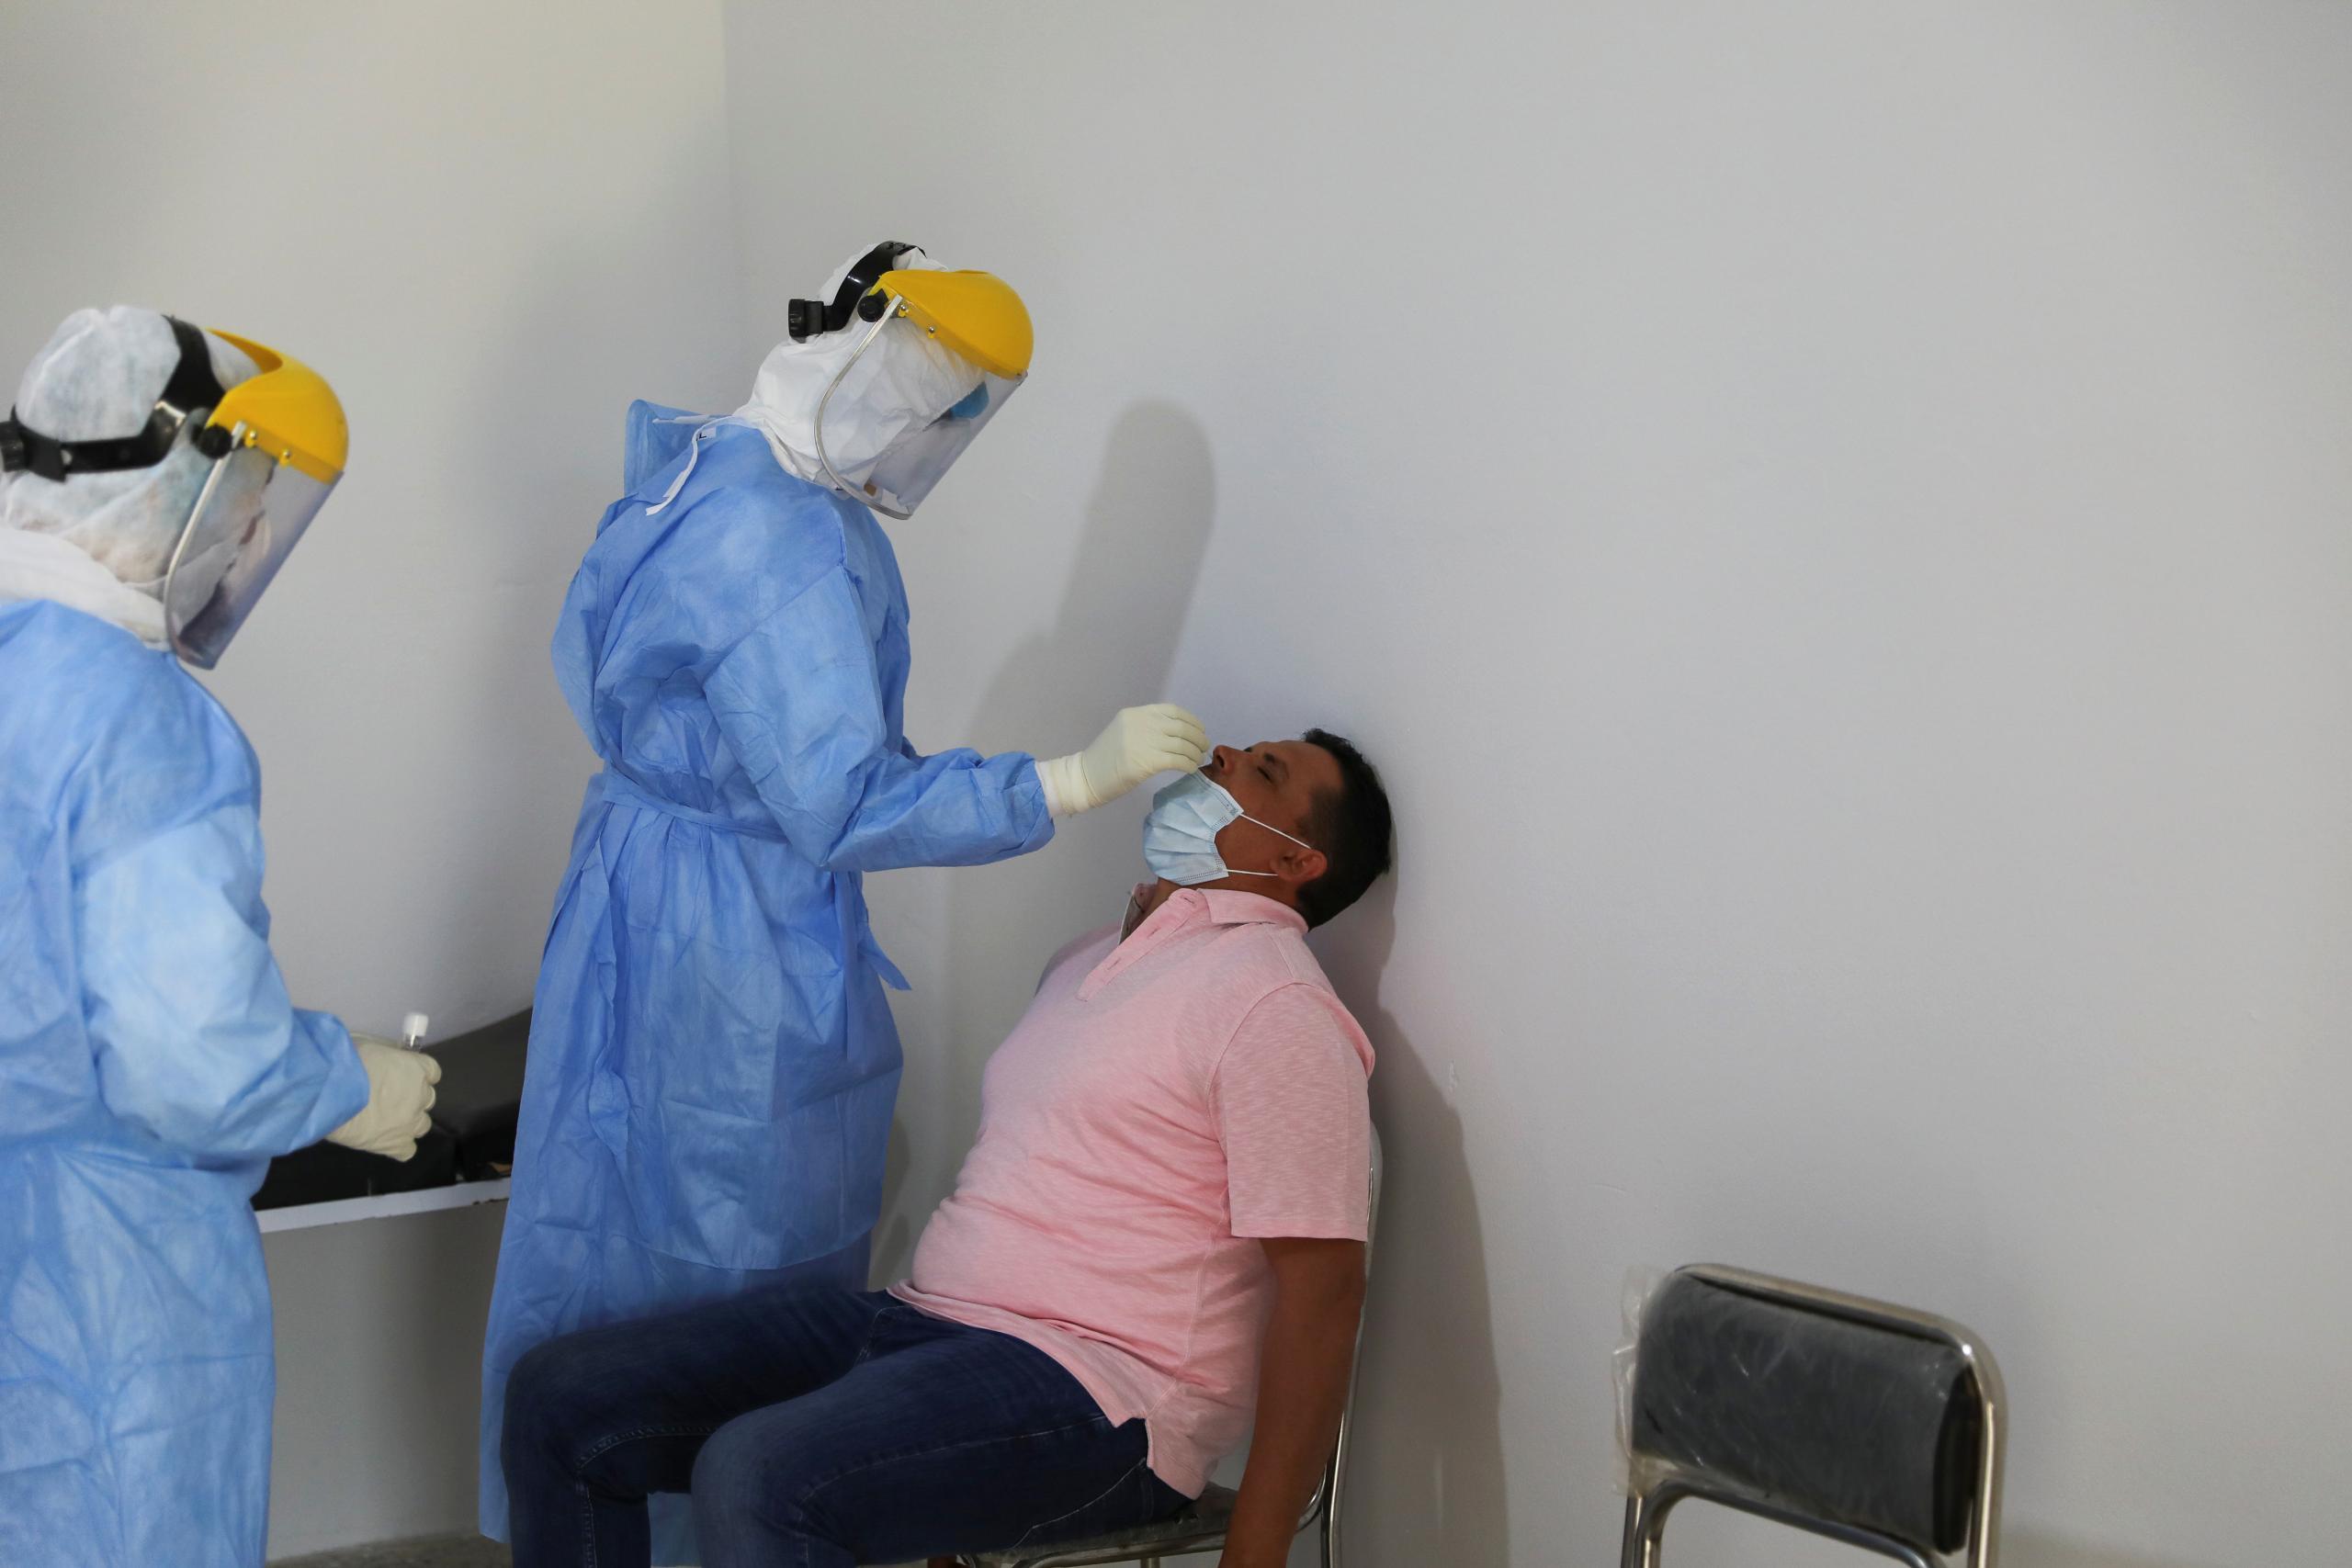 74 حالة إصابة جديدة بكورونا في ليبيا وحالتي وفاة بــ 10 مدن وبلديات